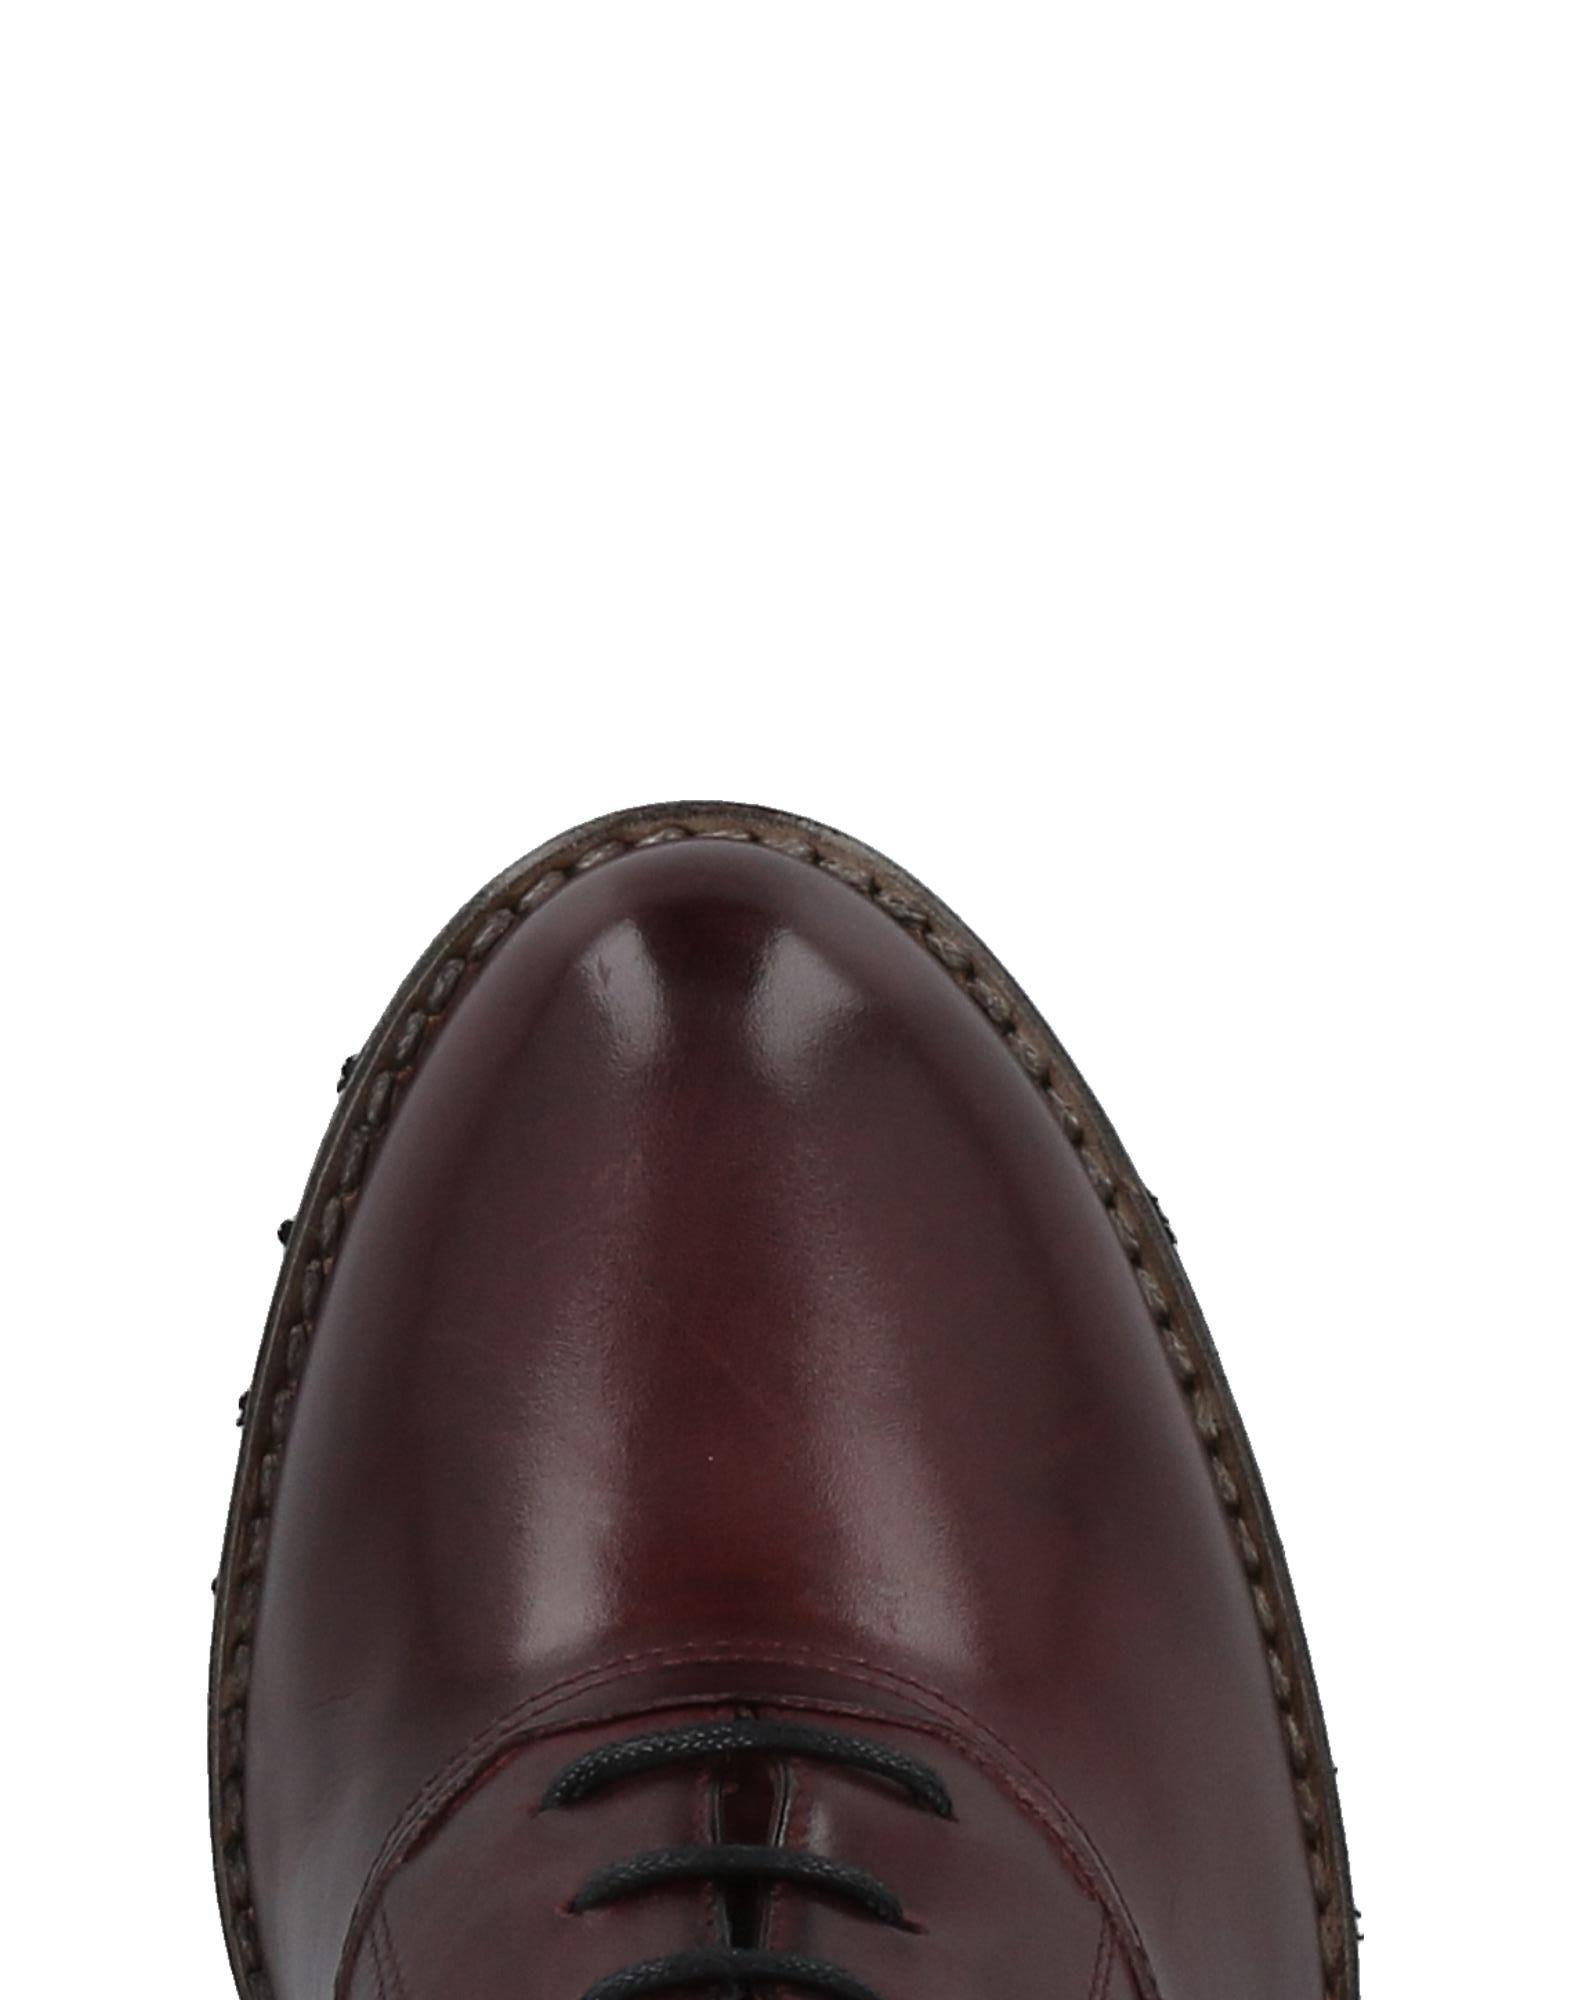 Calpierre Schnürschuhe Damen Qualität  11459933OM Gute Qualität Damen beliebte Schuhe ea7487